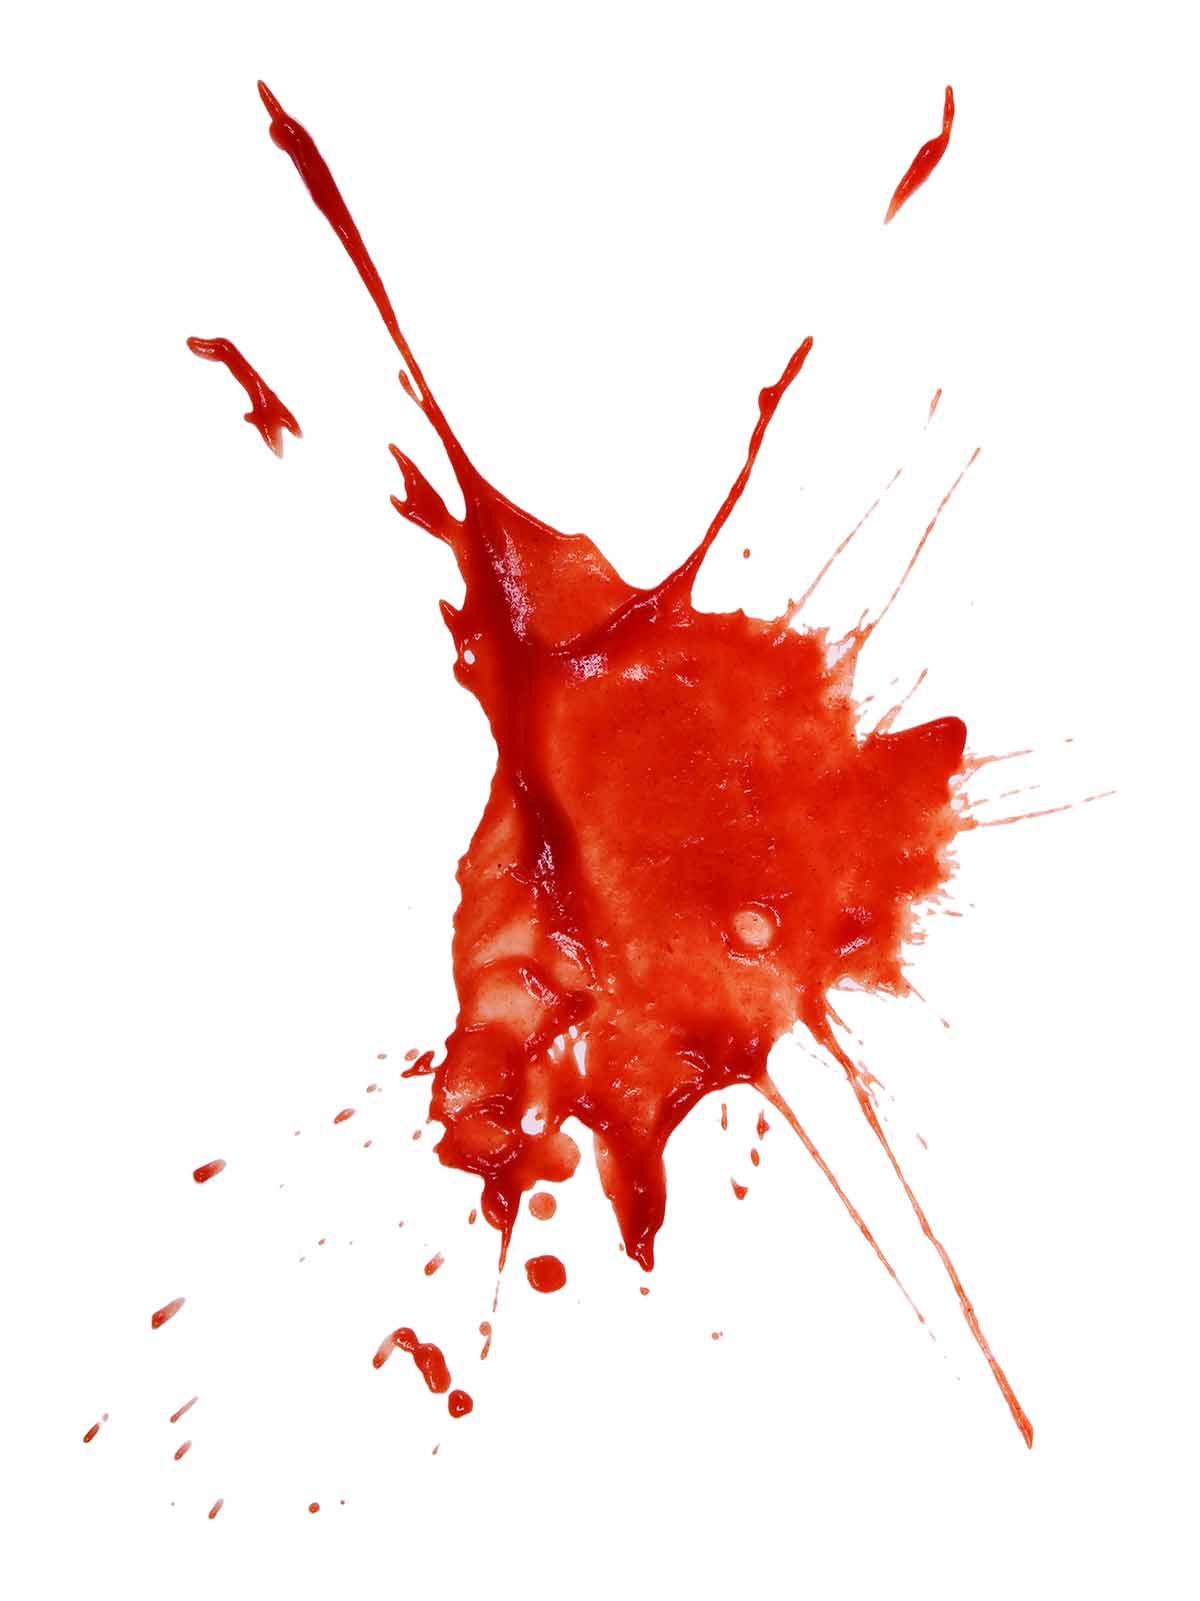 A splatter of homemade ketchup.